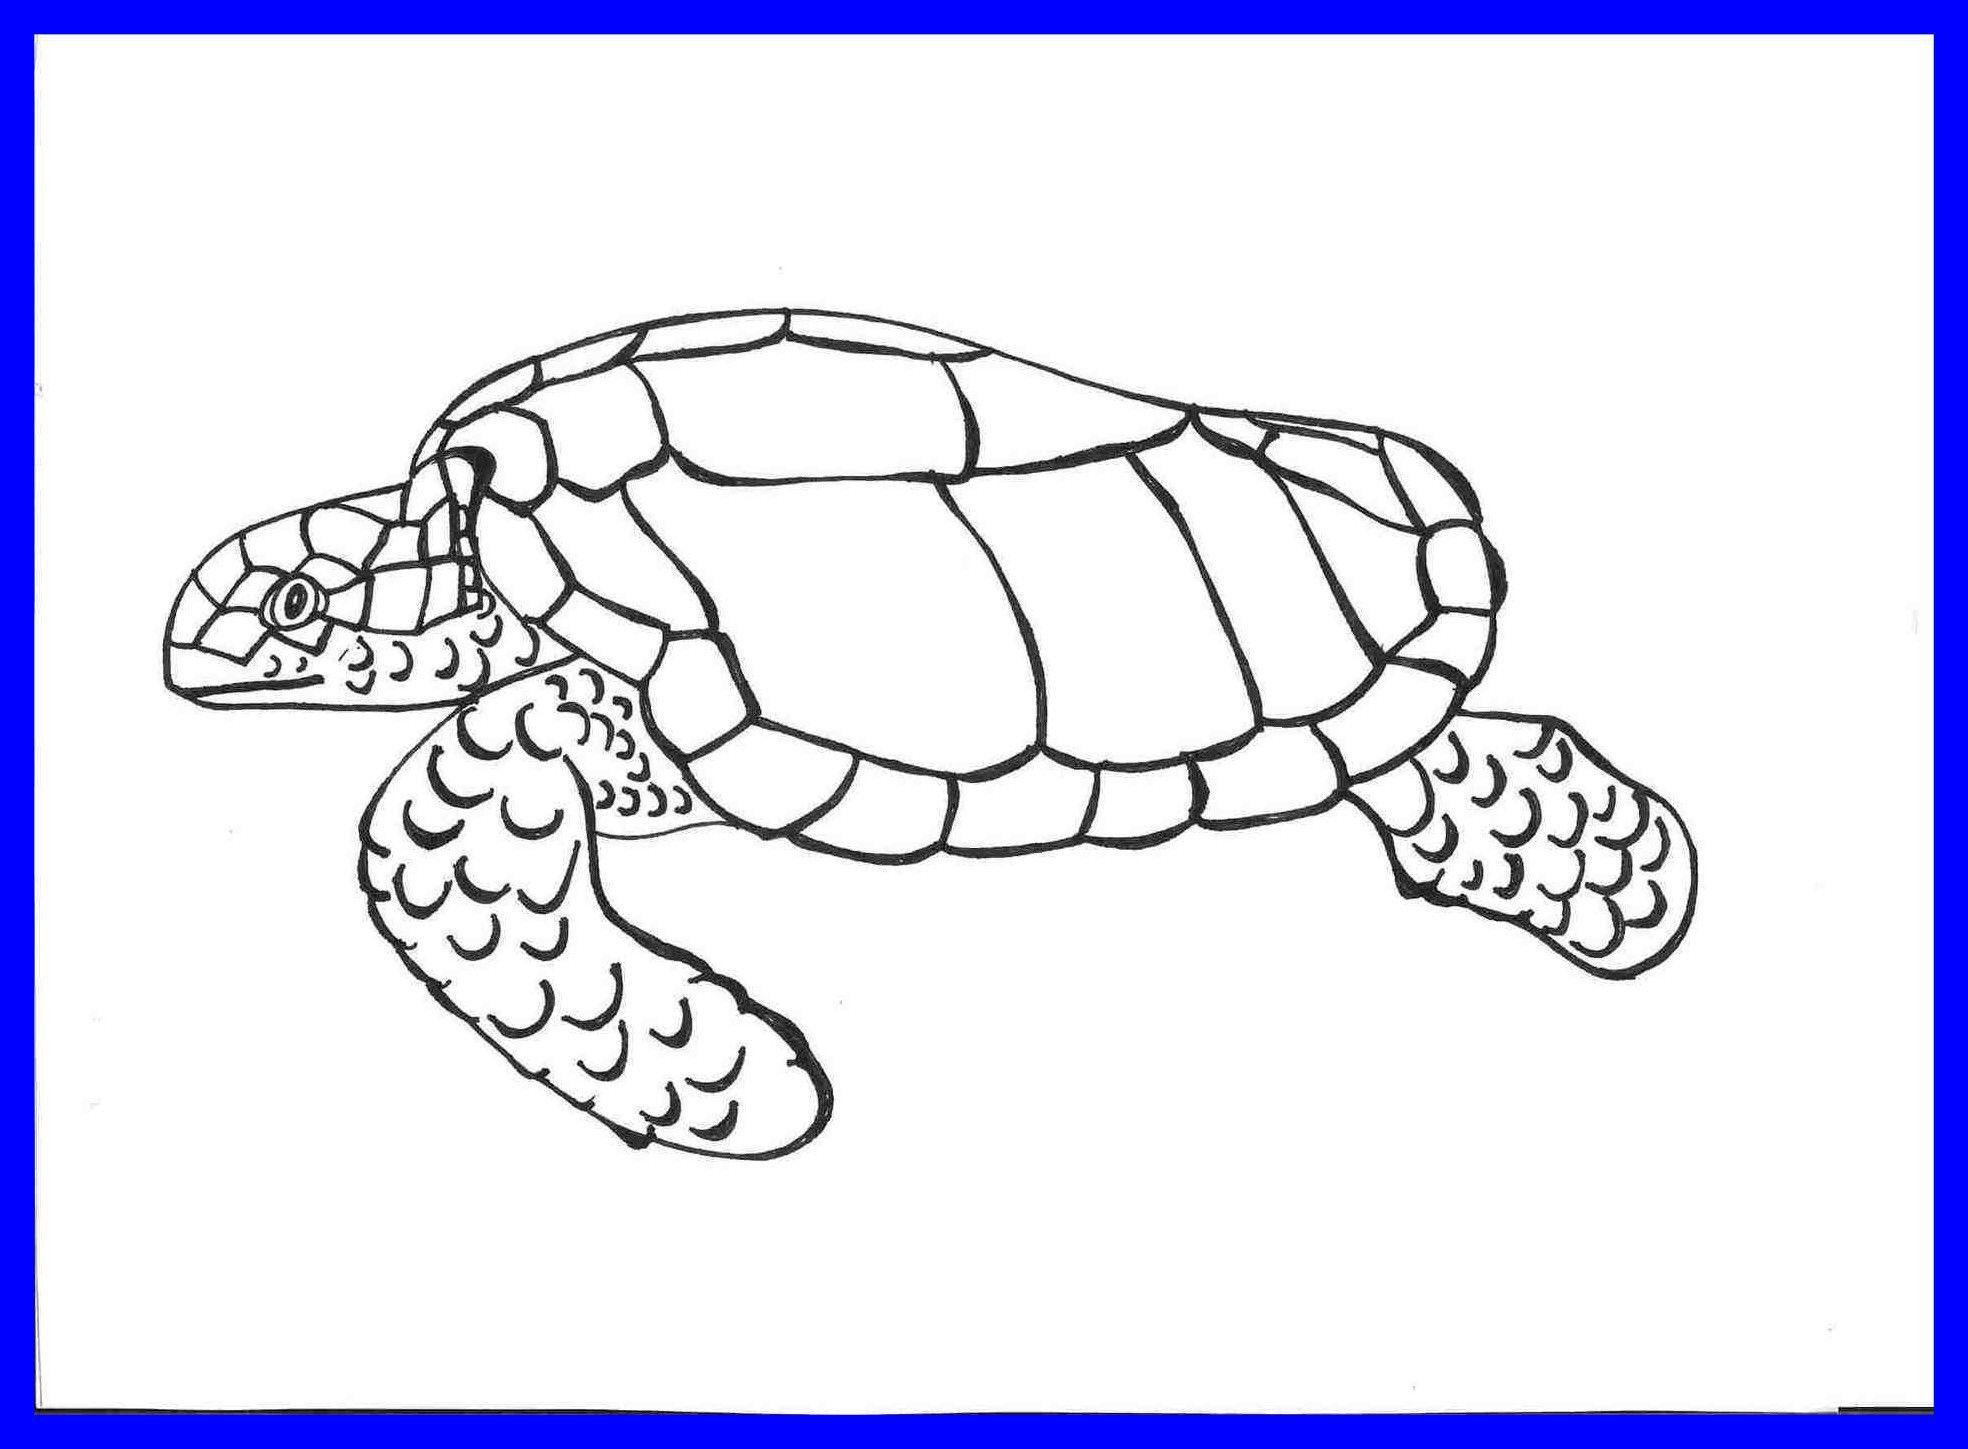 Cute Cartoon Turtle Wallpapers Top Free Cute Cartoon Turtle